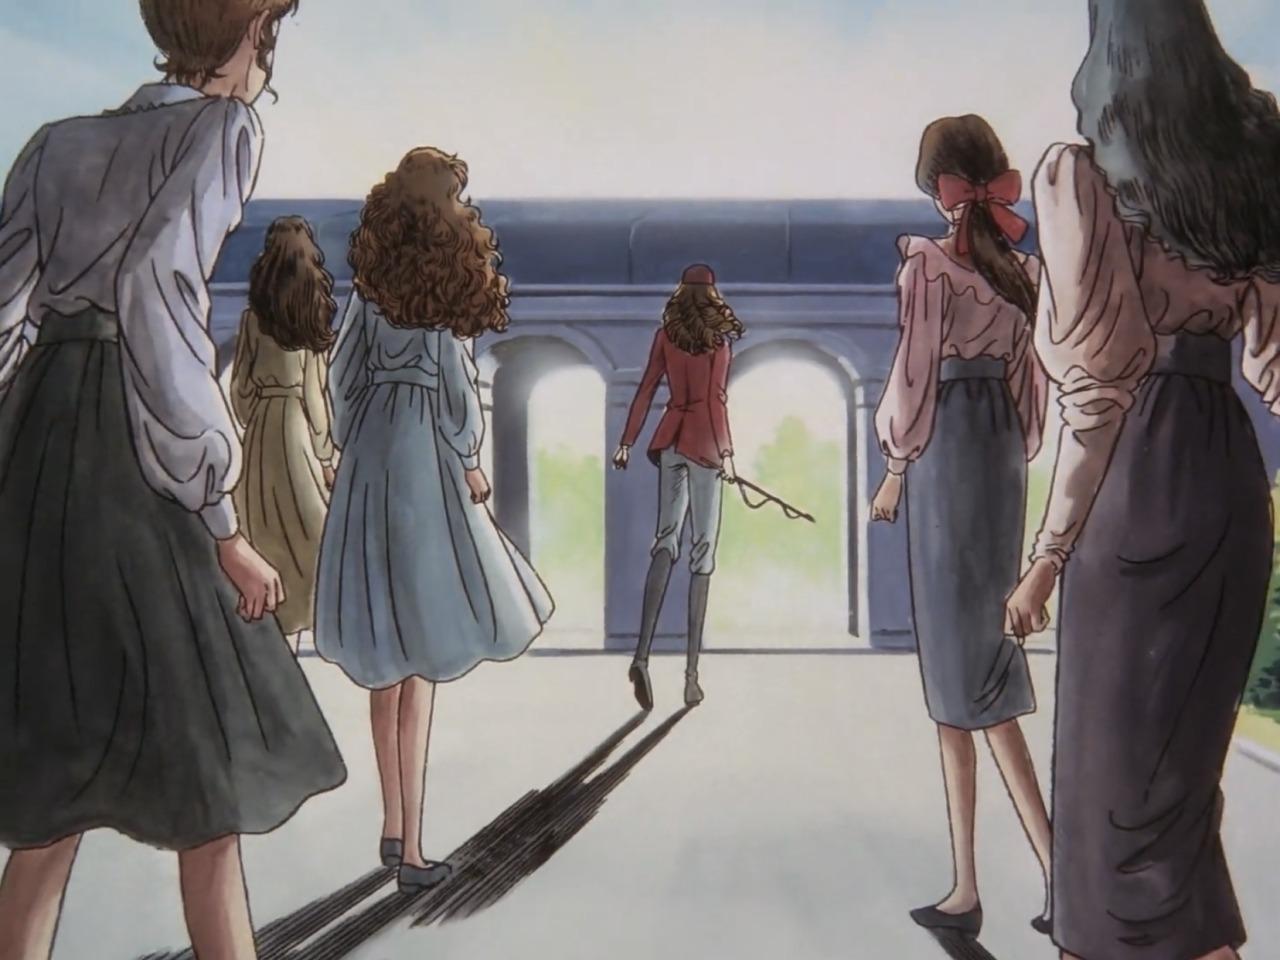 #Onii-sama e#dear brother#90s anime#cap